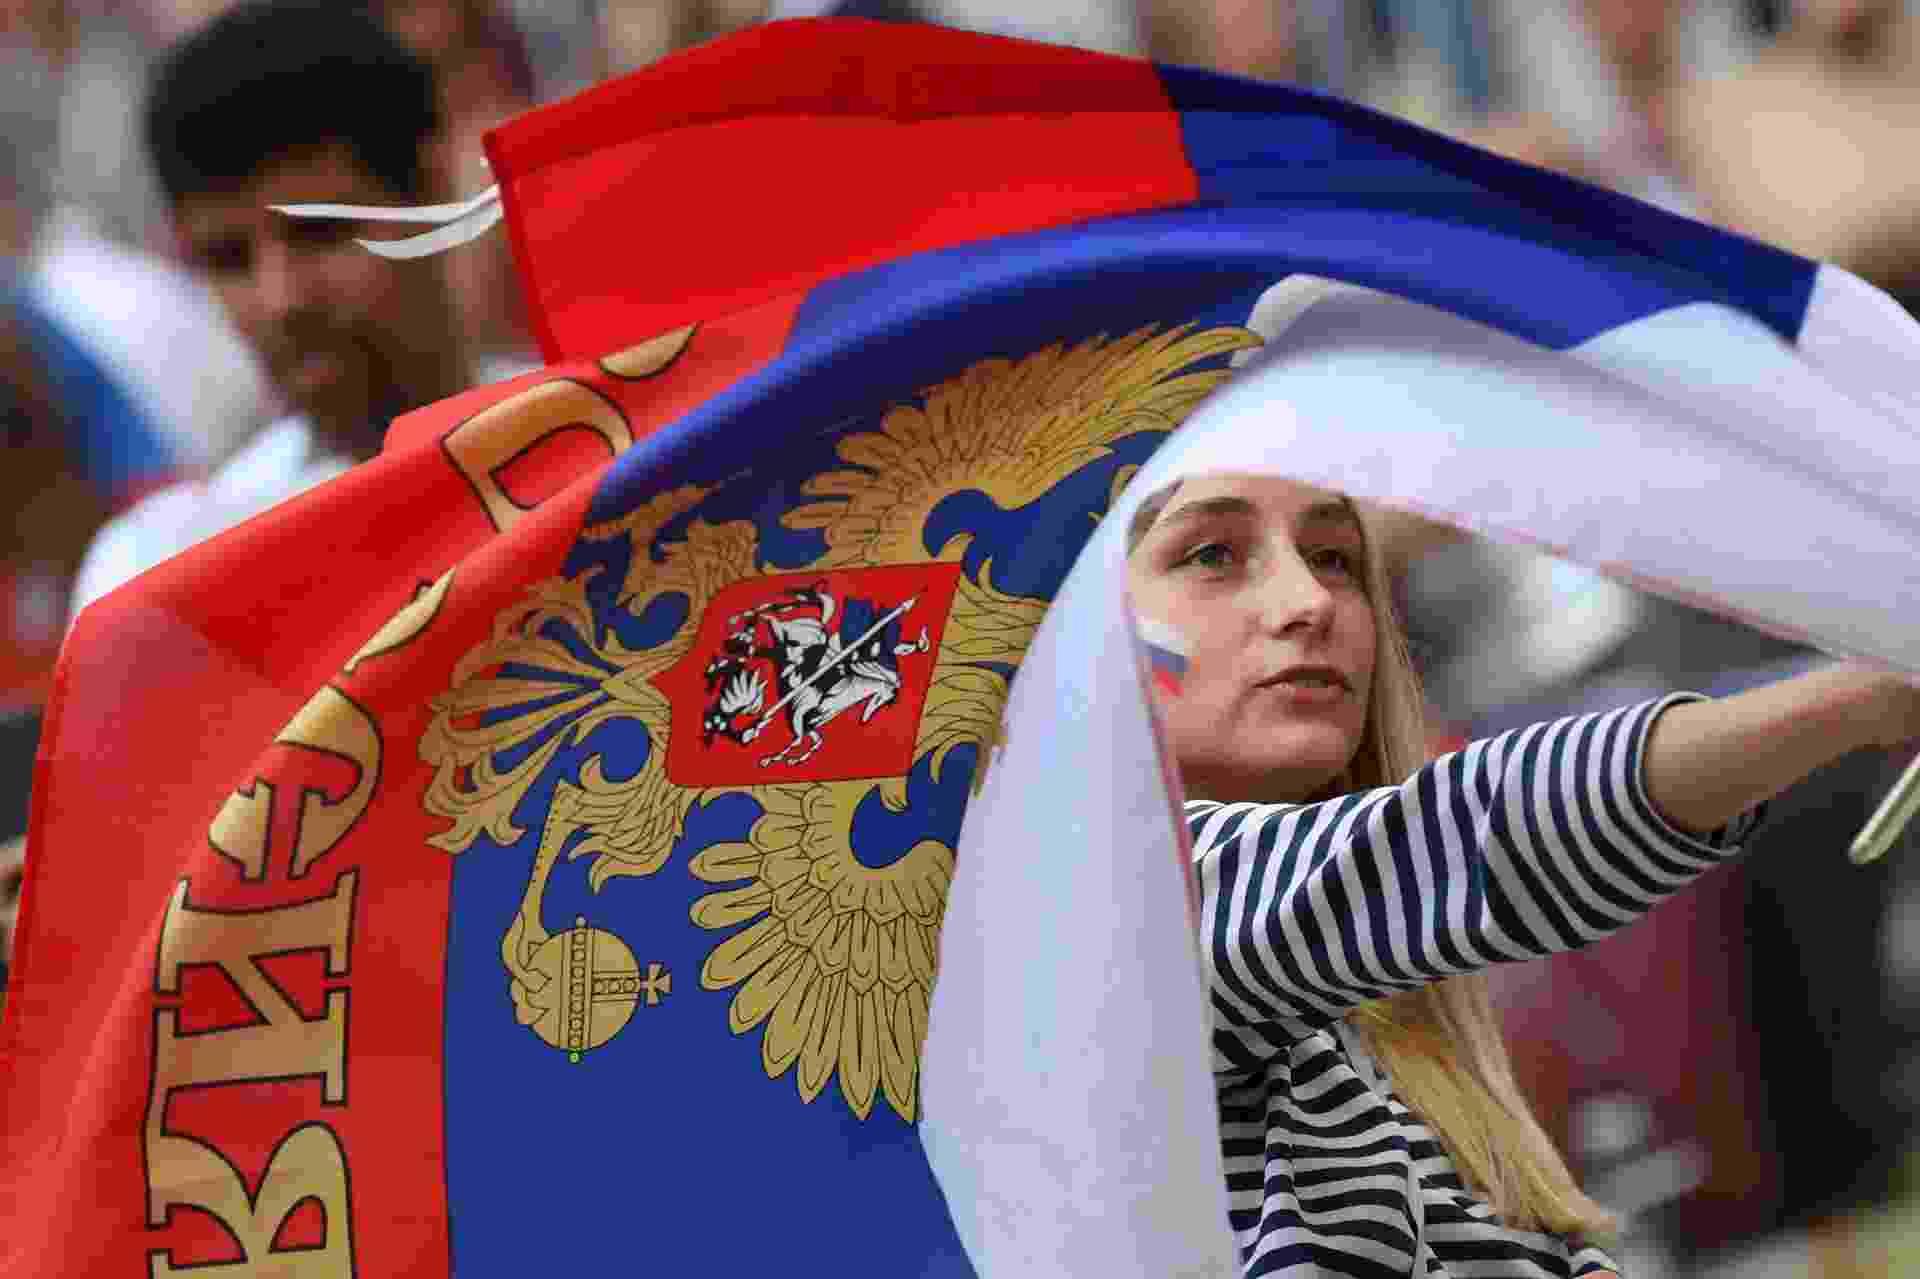 Torcedora agita bandeira russa no estádio em Lujniki antes de jogo contra a Espanha - Francisco Leong/AFP